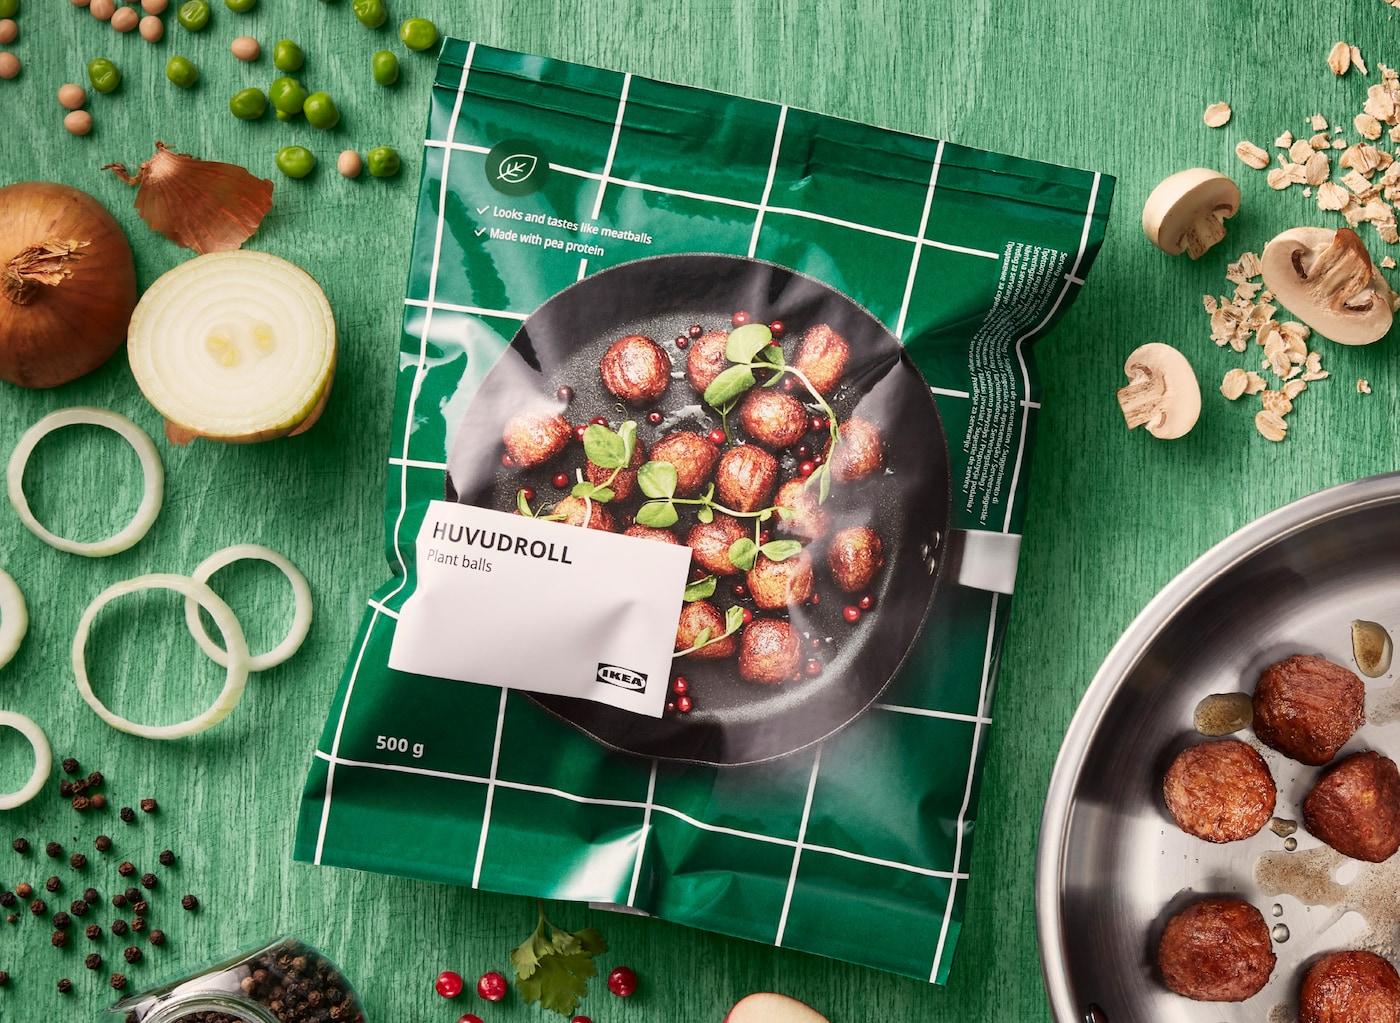 Balenie bezmäsitých guľôčok IKEA HUVUDROLL na zelenom drevenom povrchu. Okolo balenia sú rôzne prísady.